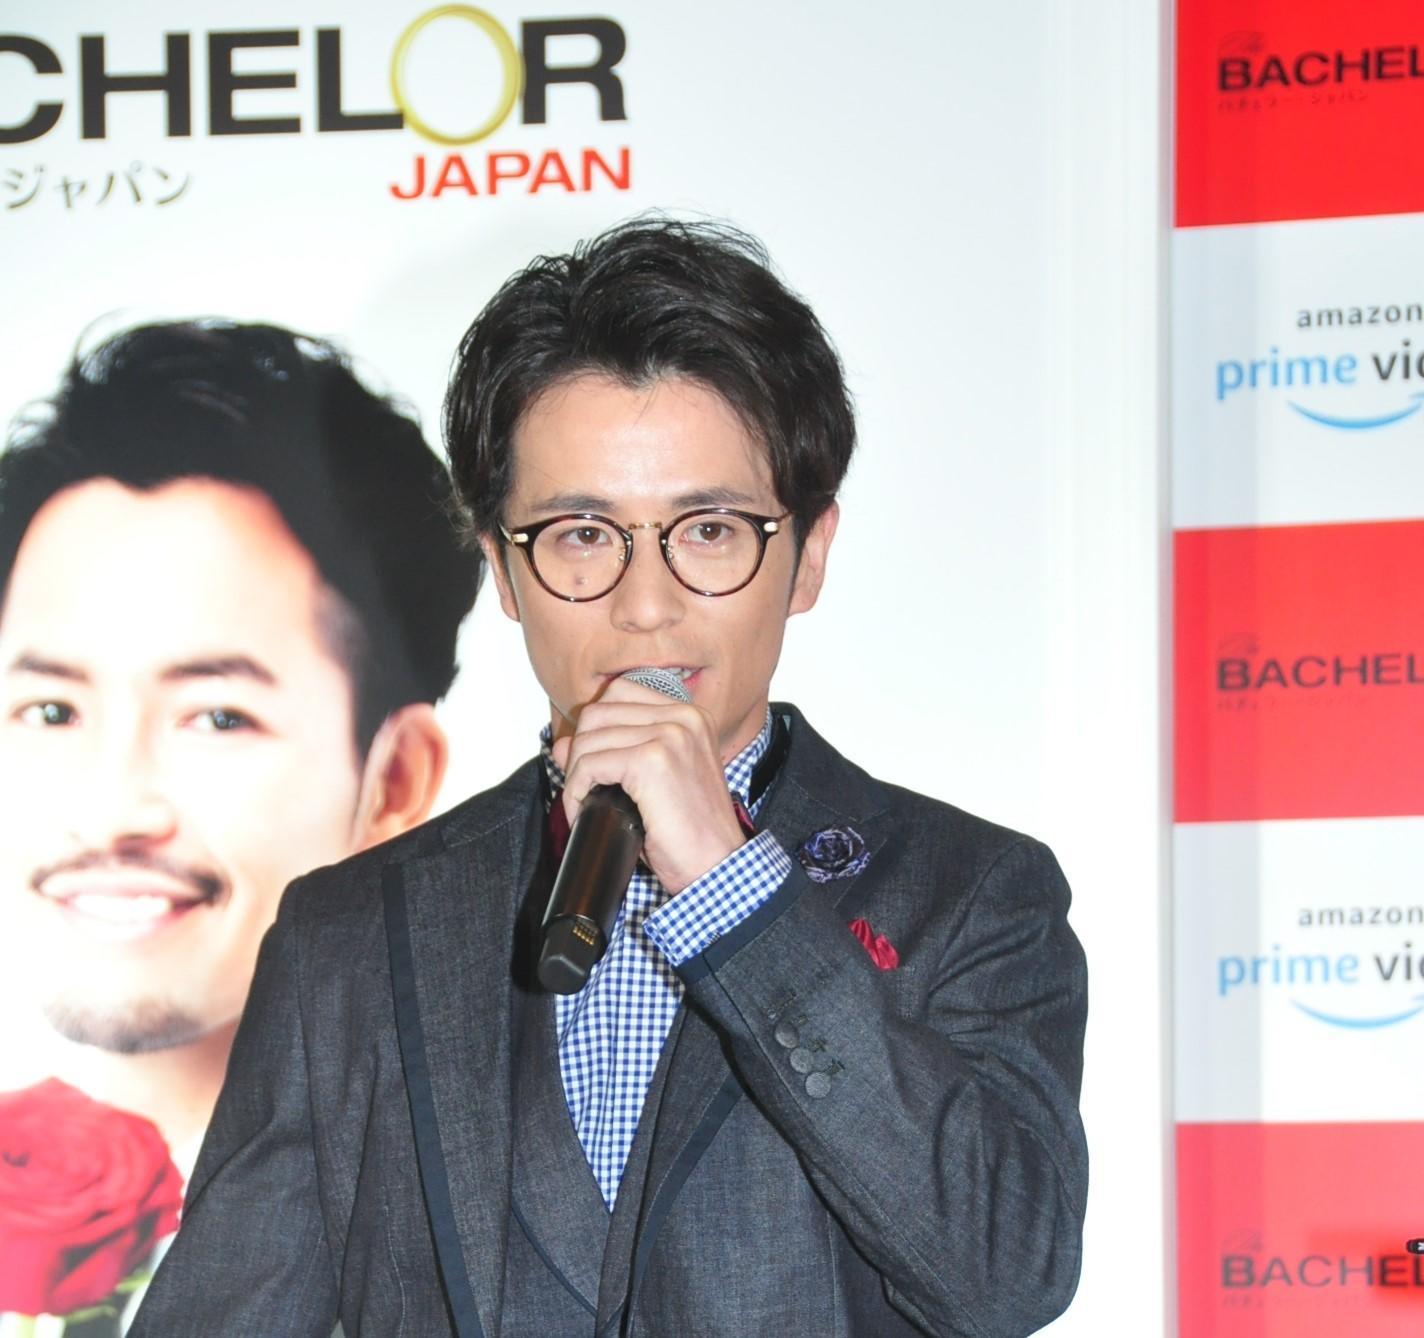 http://news.yoshimoto.co.jp/20180525084114-a158ad19d2abbd630f8a04884db54e2efd1be8b2.jpg